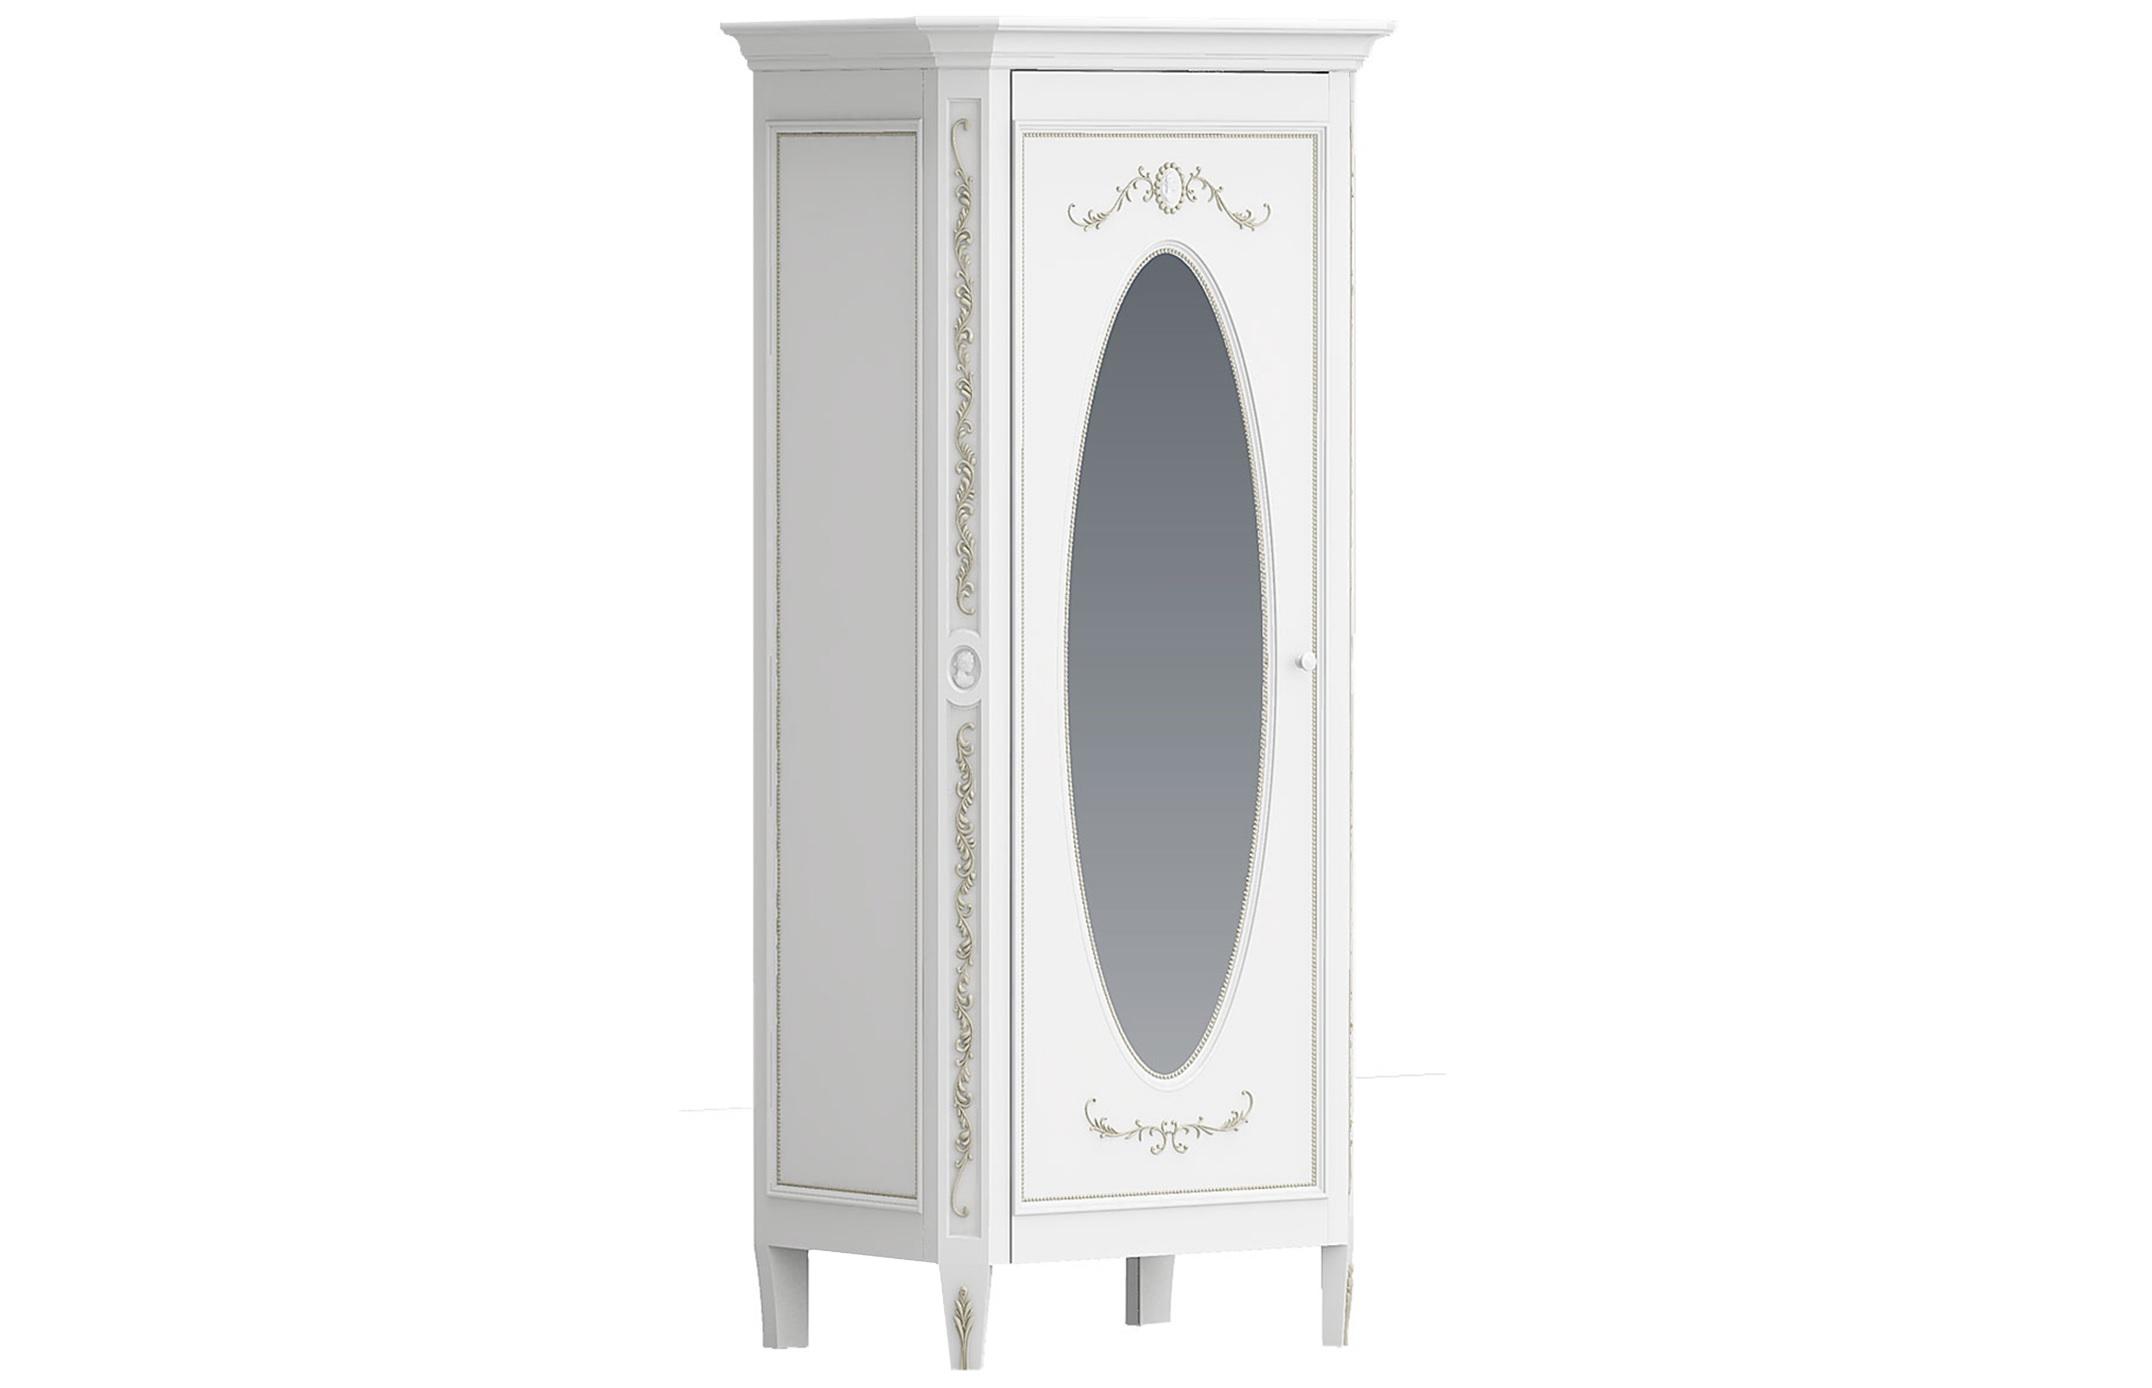 Шкаф однодверный с овальным зеркалом БудуарПлатяные шкафы<br>Белая мебель для спальни коллекции &amp;quot;Будуар&amp;quot; - классическая мебель стиля Барокко, воплотившая в себе женственность, красоту и нежность дамских будуаров XVIII века. Узоры из жемчужин, цветов и камей - все это объединяет в себе тонкий лепной бордюр, искусно украшающий белую мебель, а легкое патинирование придает ему оттенок времени и неповторимого шика.<br><br>Material: Бук<br>Ширина см: 94<br>Высота см: 210<br>Глубина см: 62